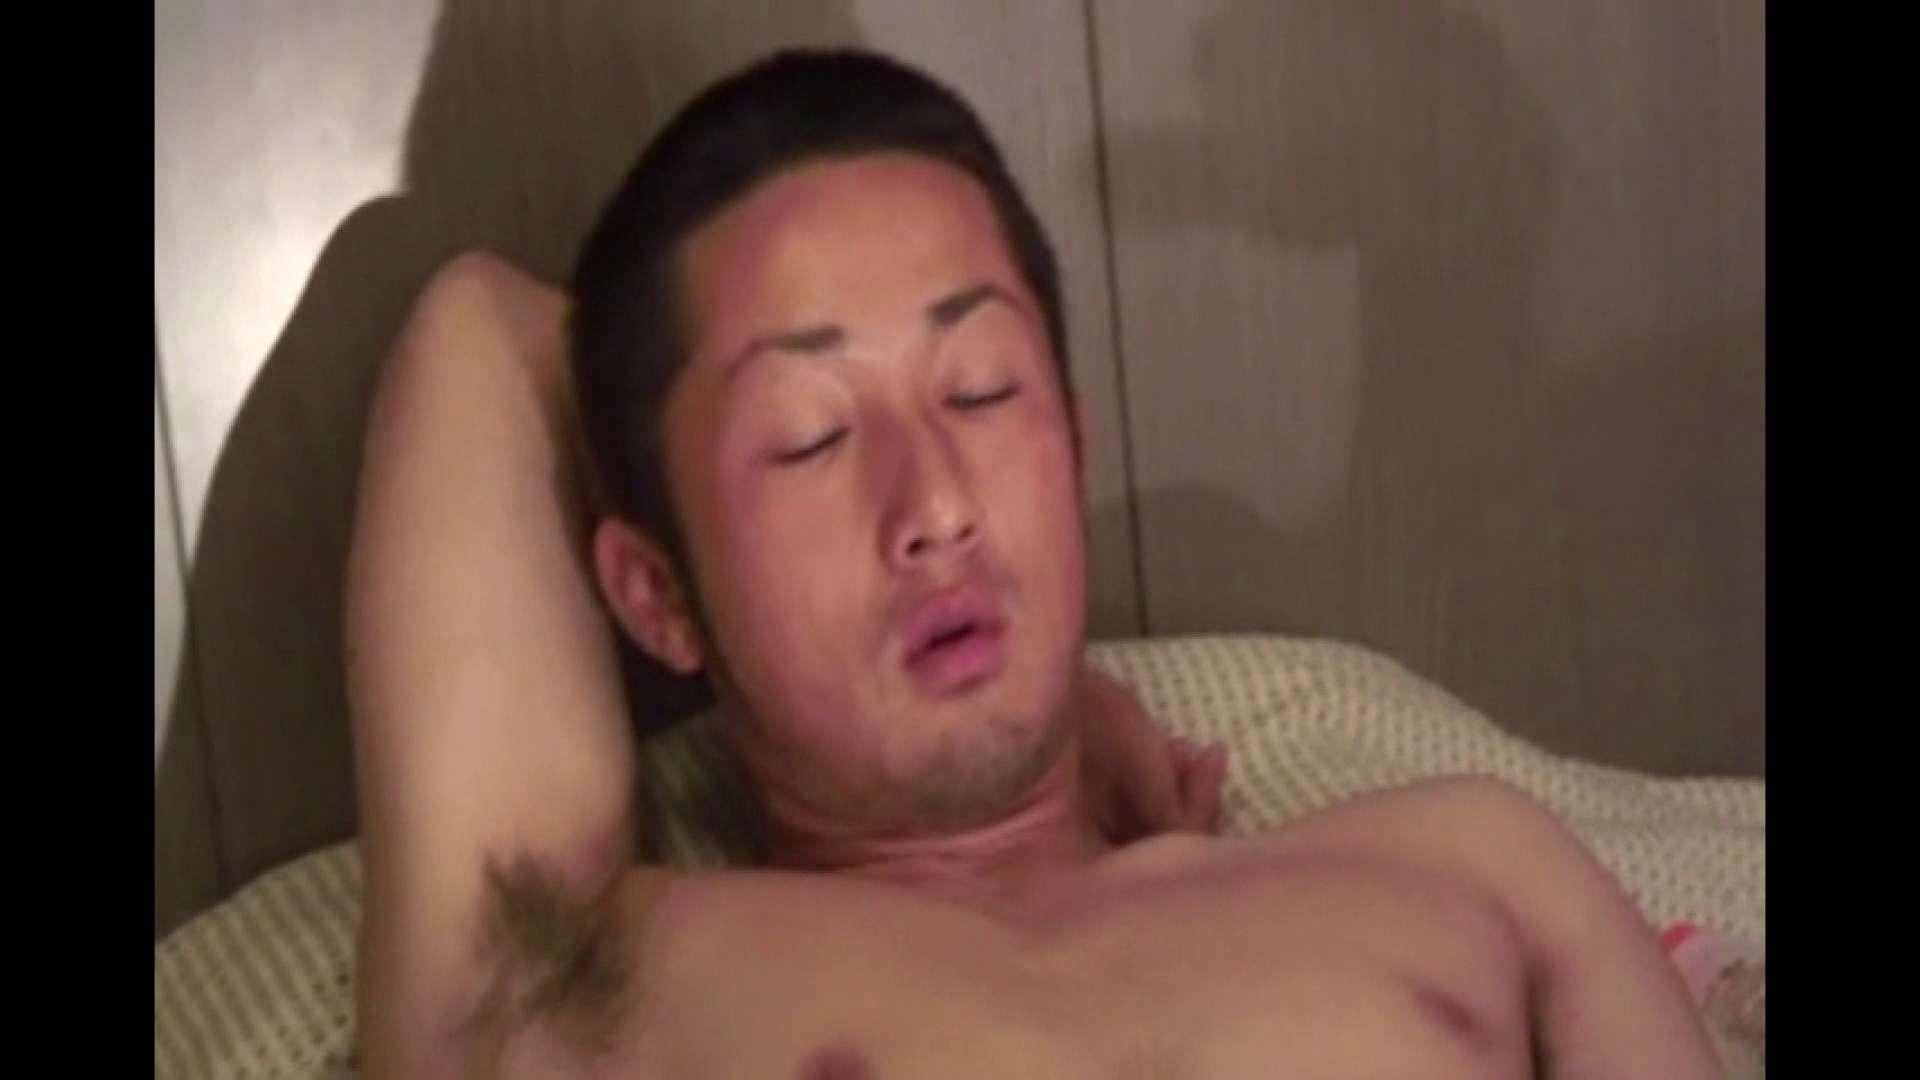 ノンケイケメンの欲望と肉棒 Vol.4 肉肉しい男たち しりまんこ画像 110連発 99